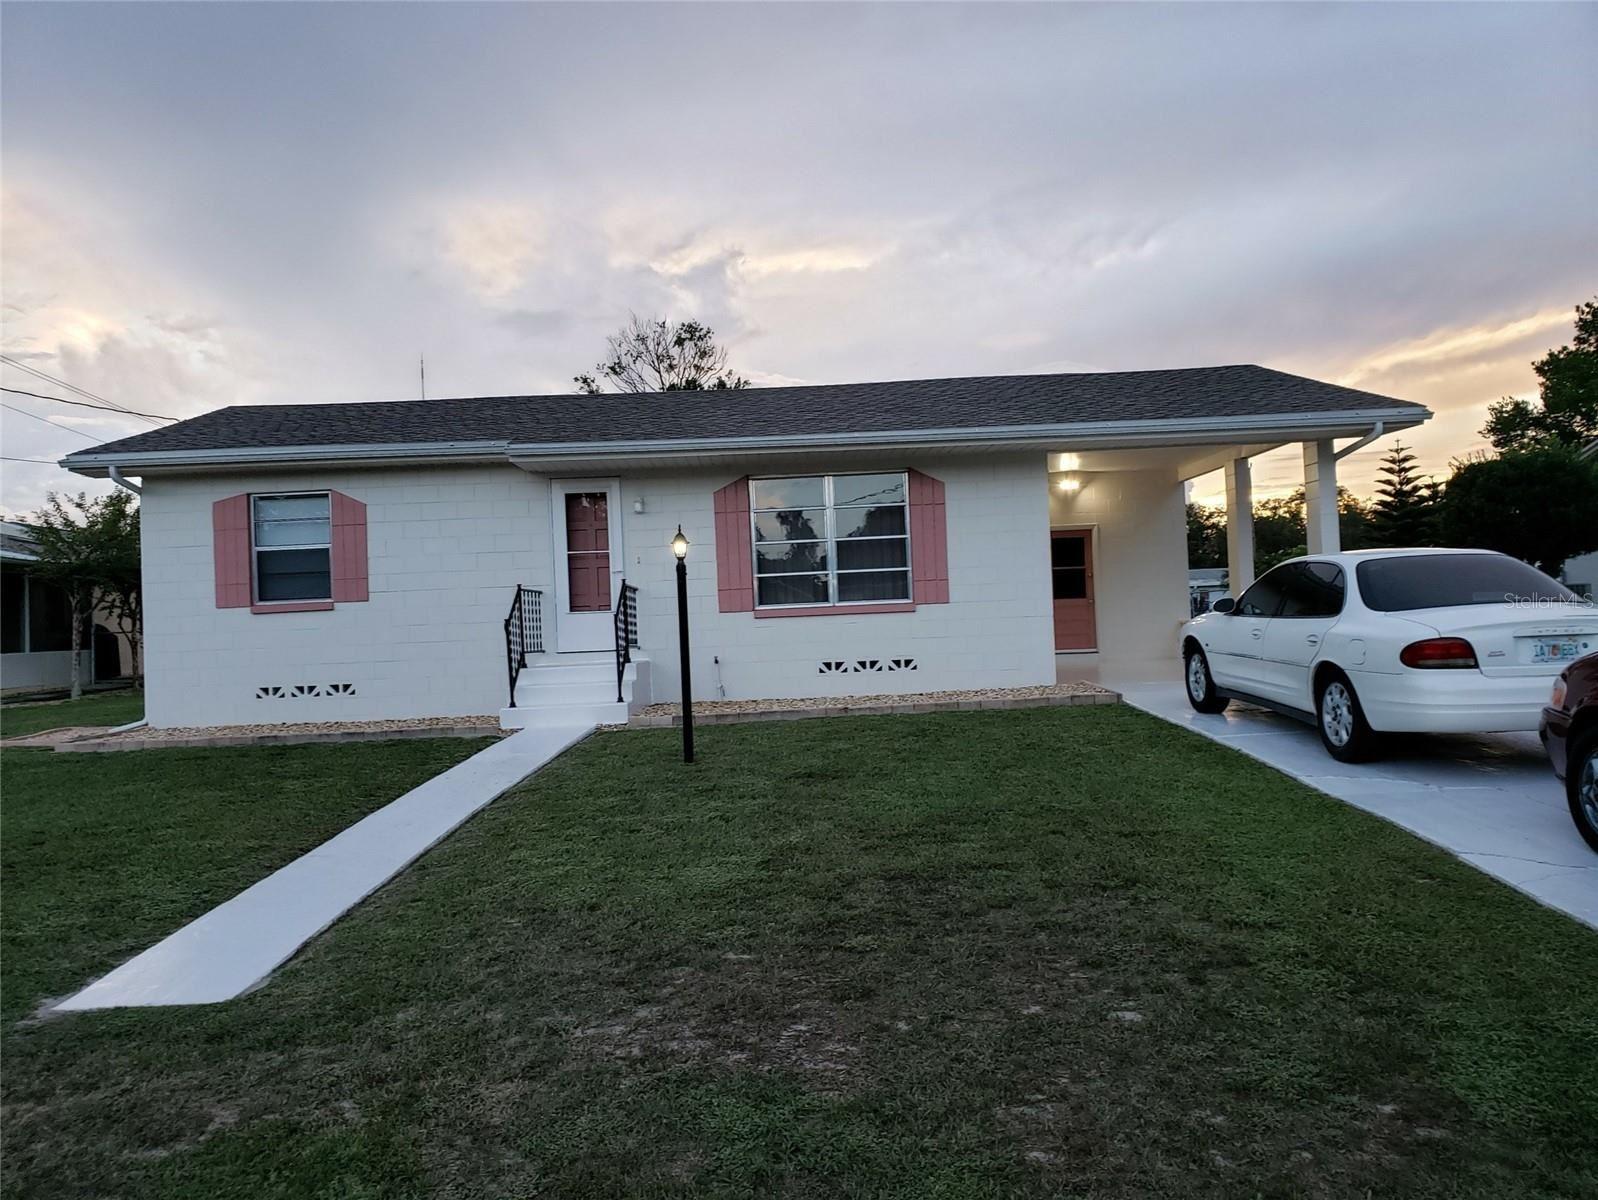 2255 SE 2ND STREET, Orange City, FL 32763 - #: U8130191